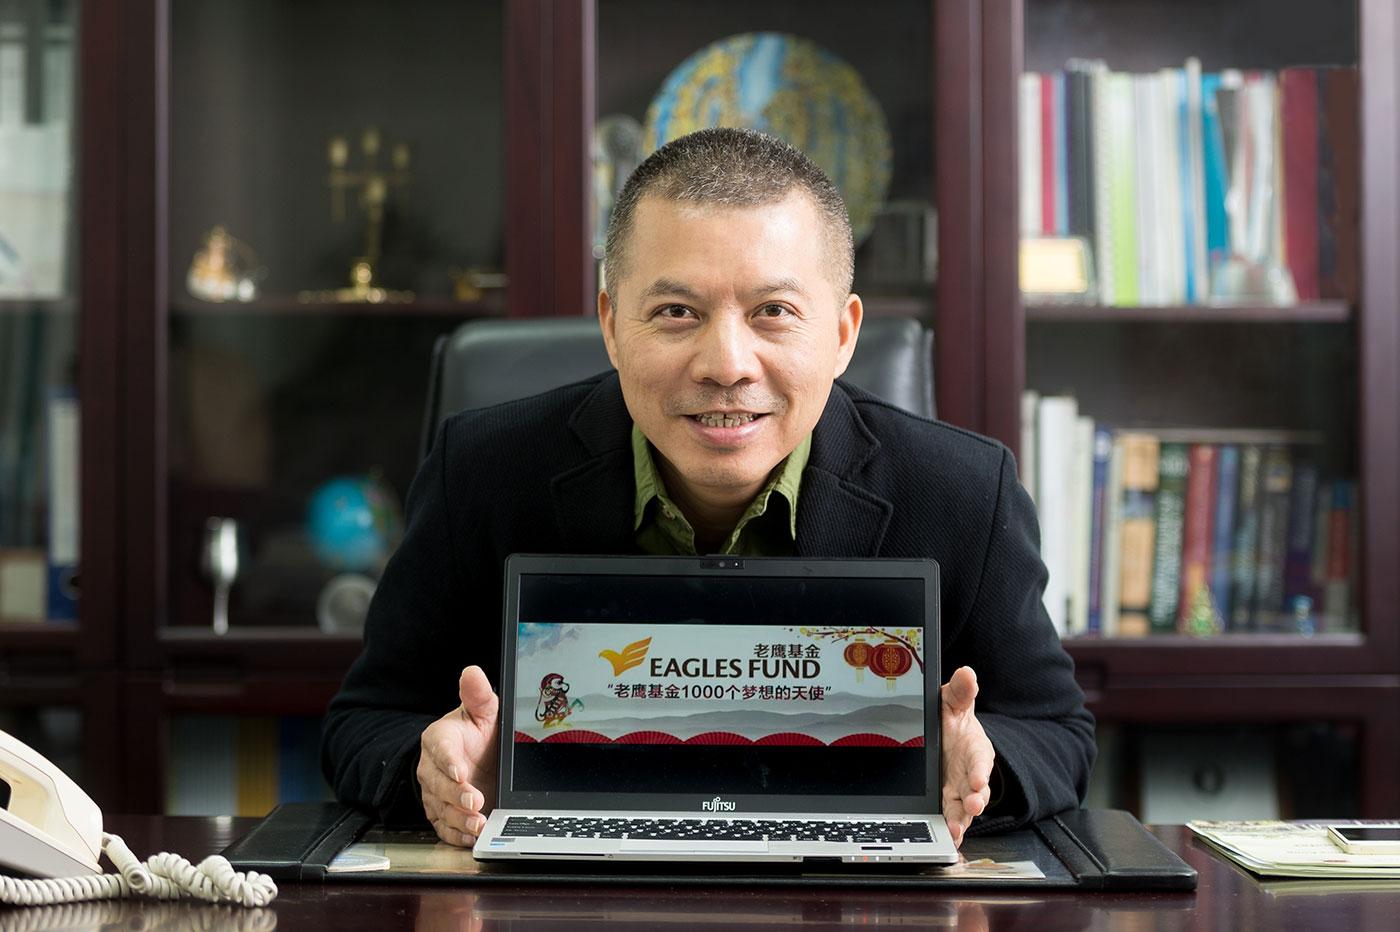 刘小鹰:「我的理想是在未来三十年,成就一千个创业项目。」